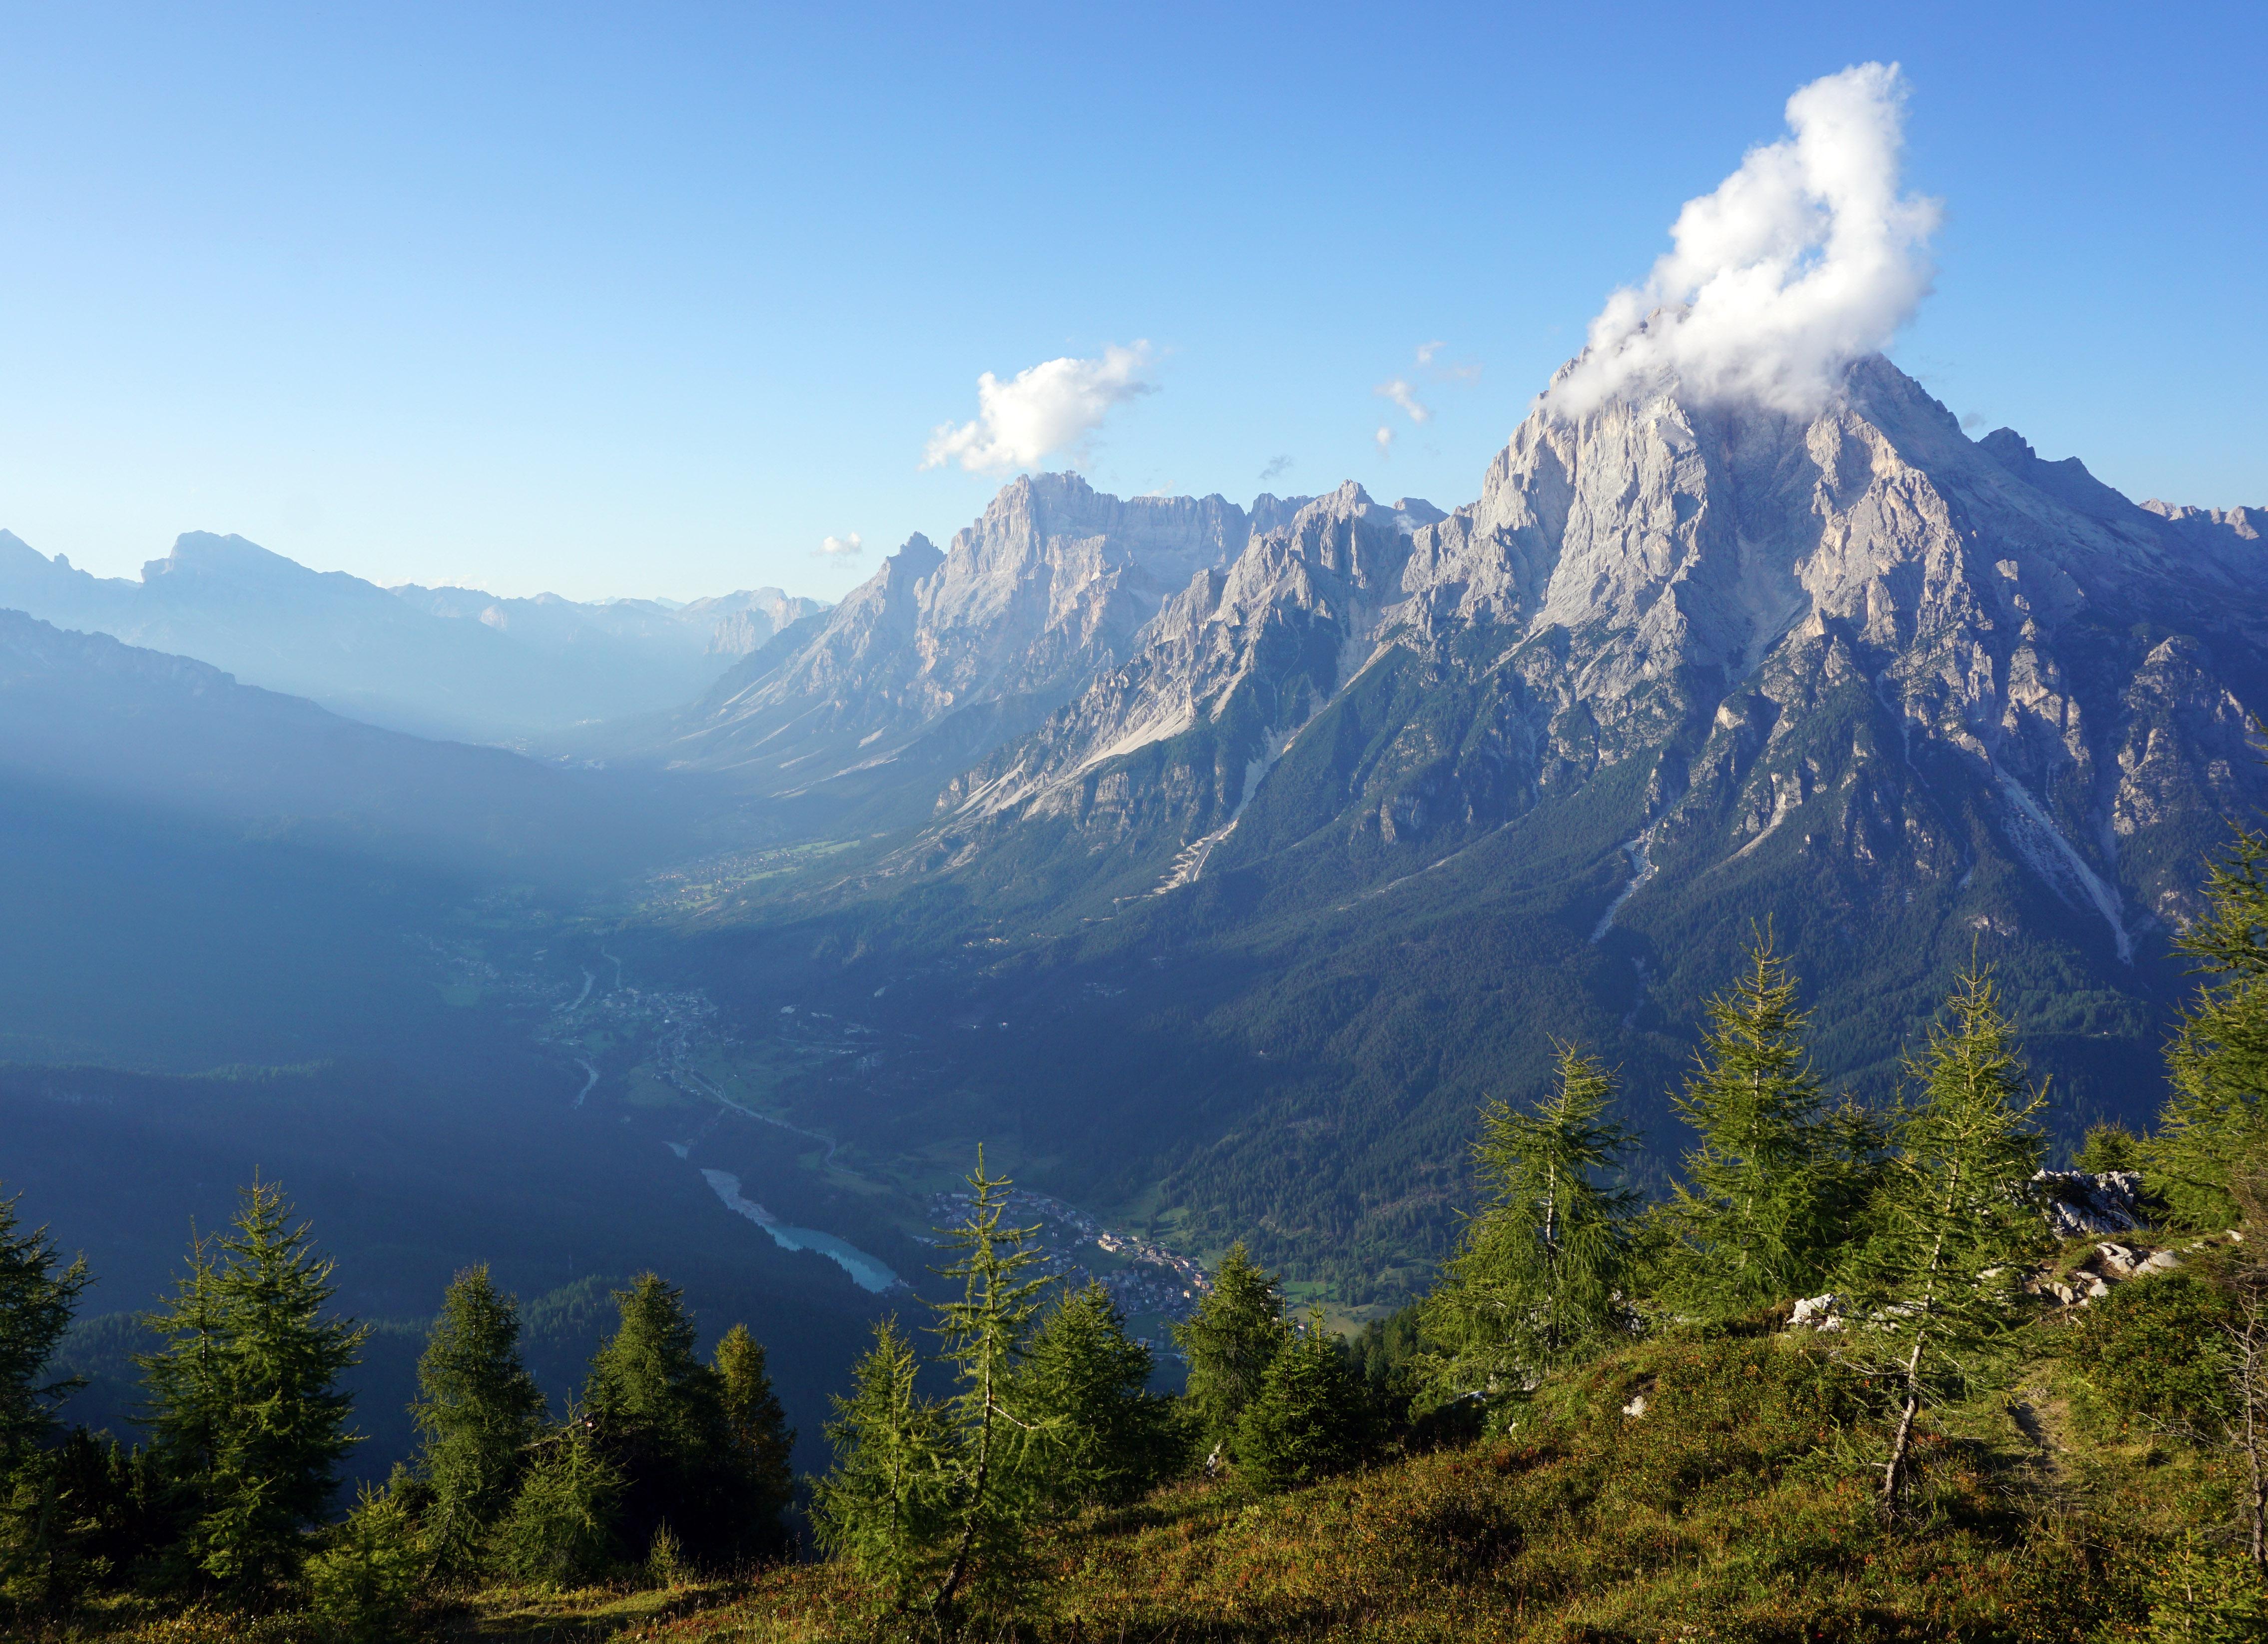 【義大利】健行在阿爾卑斯的絕美秘境:多洛米提山脈 (The Dolomites) 行程規劃全攻略 31